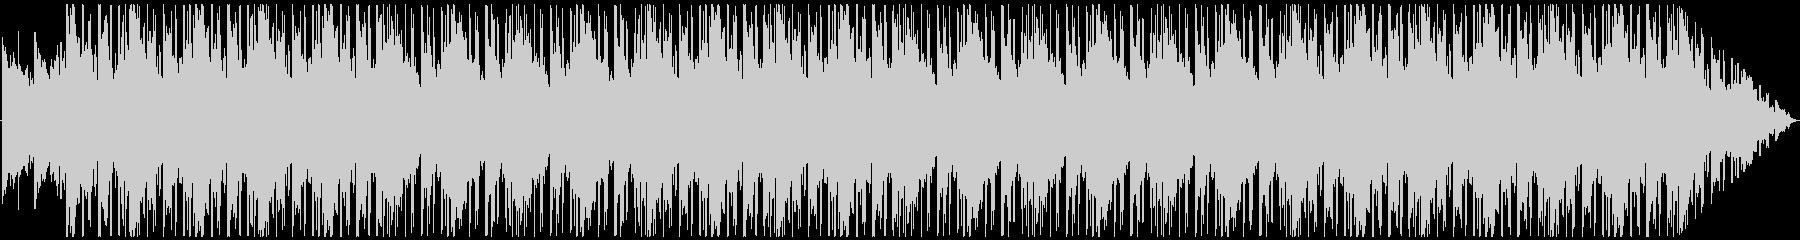 エレクトリックピアノで夜をイメージしたの未再生の波形